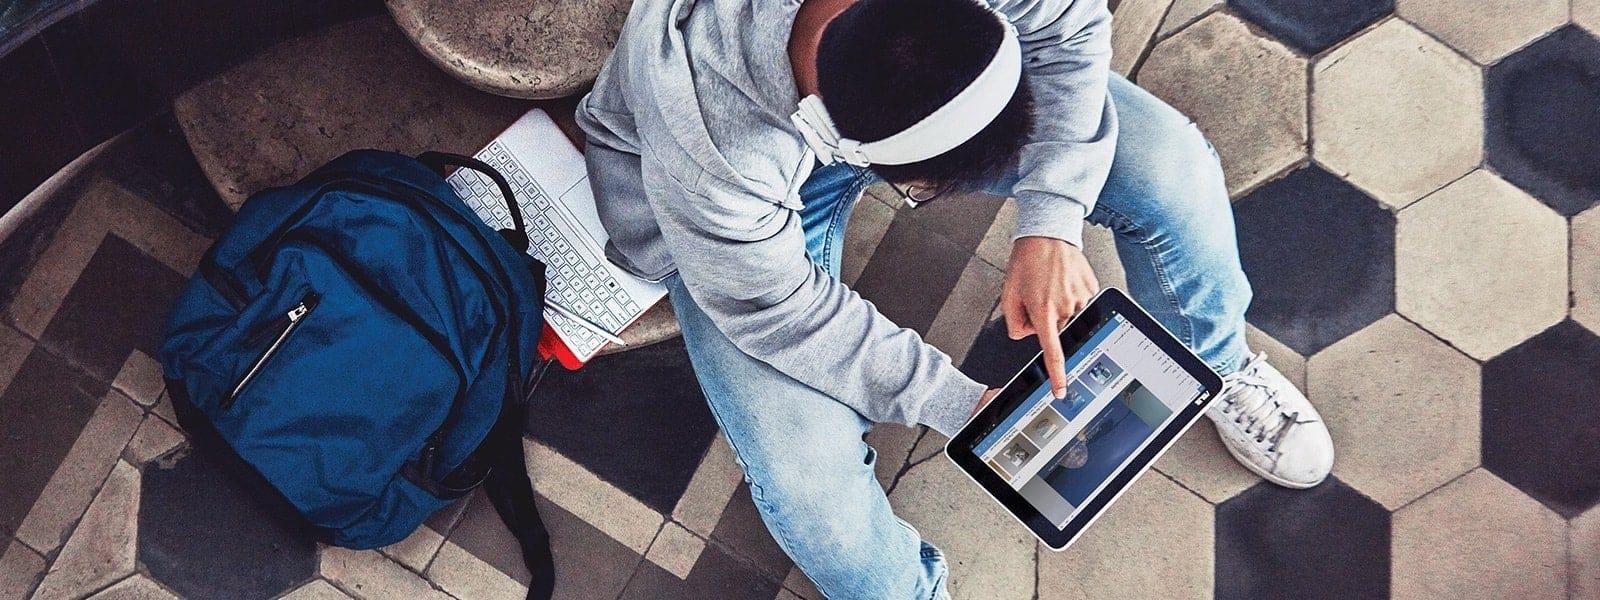 Študent, ki si ogleduje napravo s sistemom Windows 10.